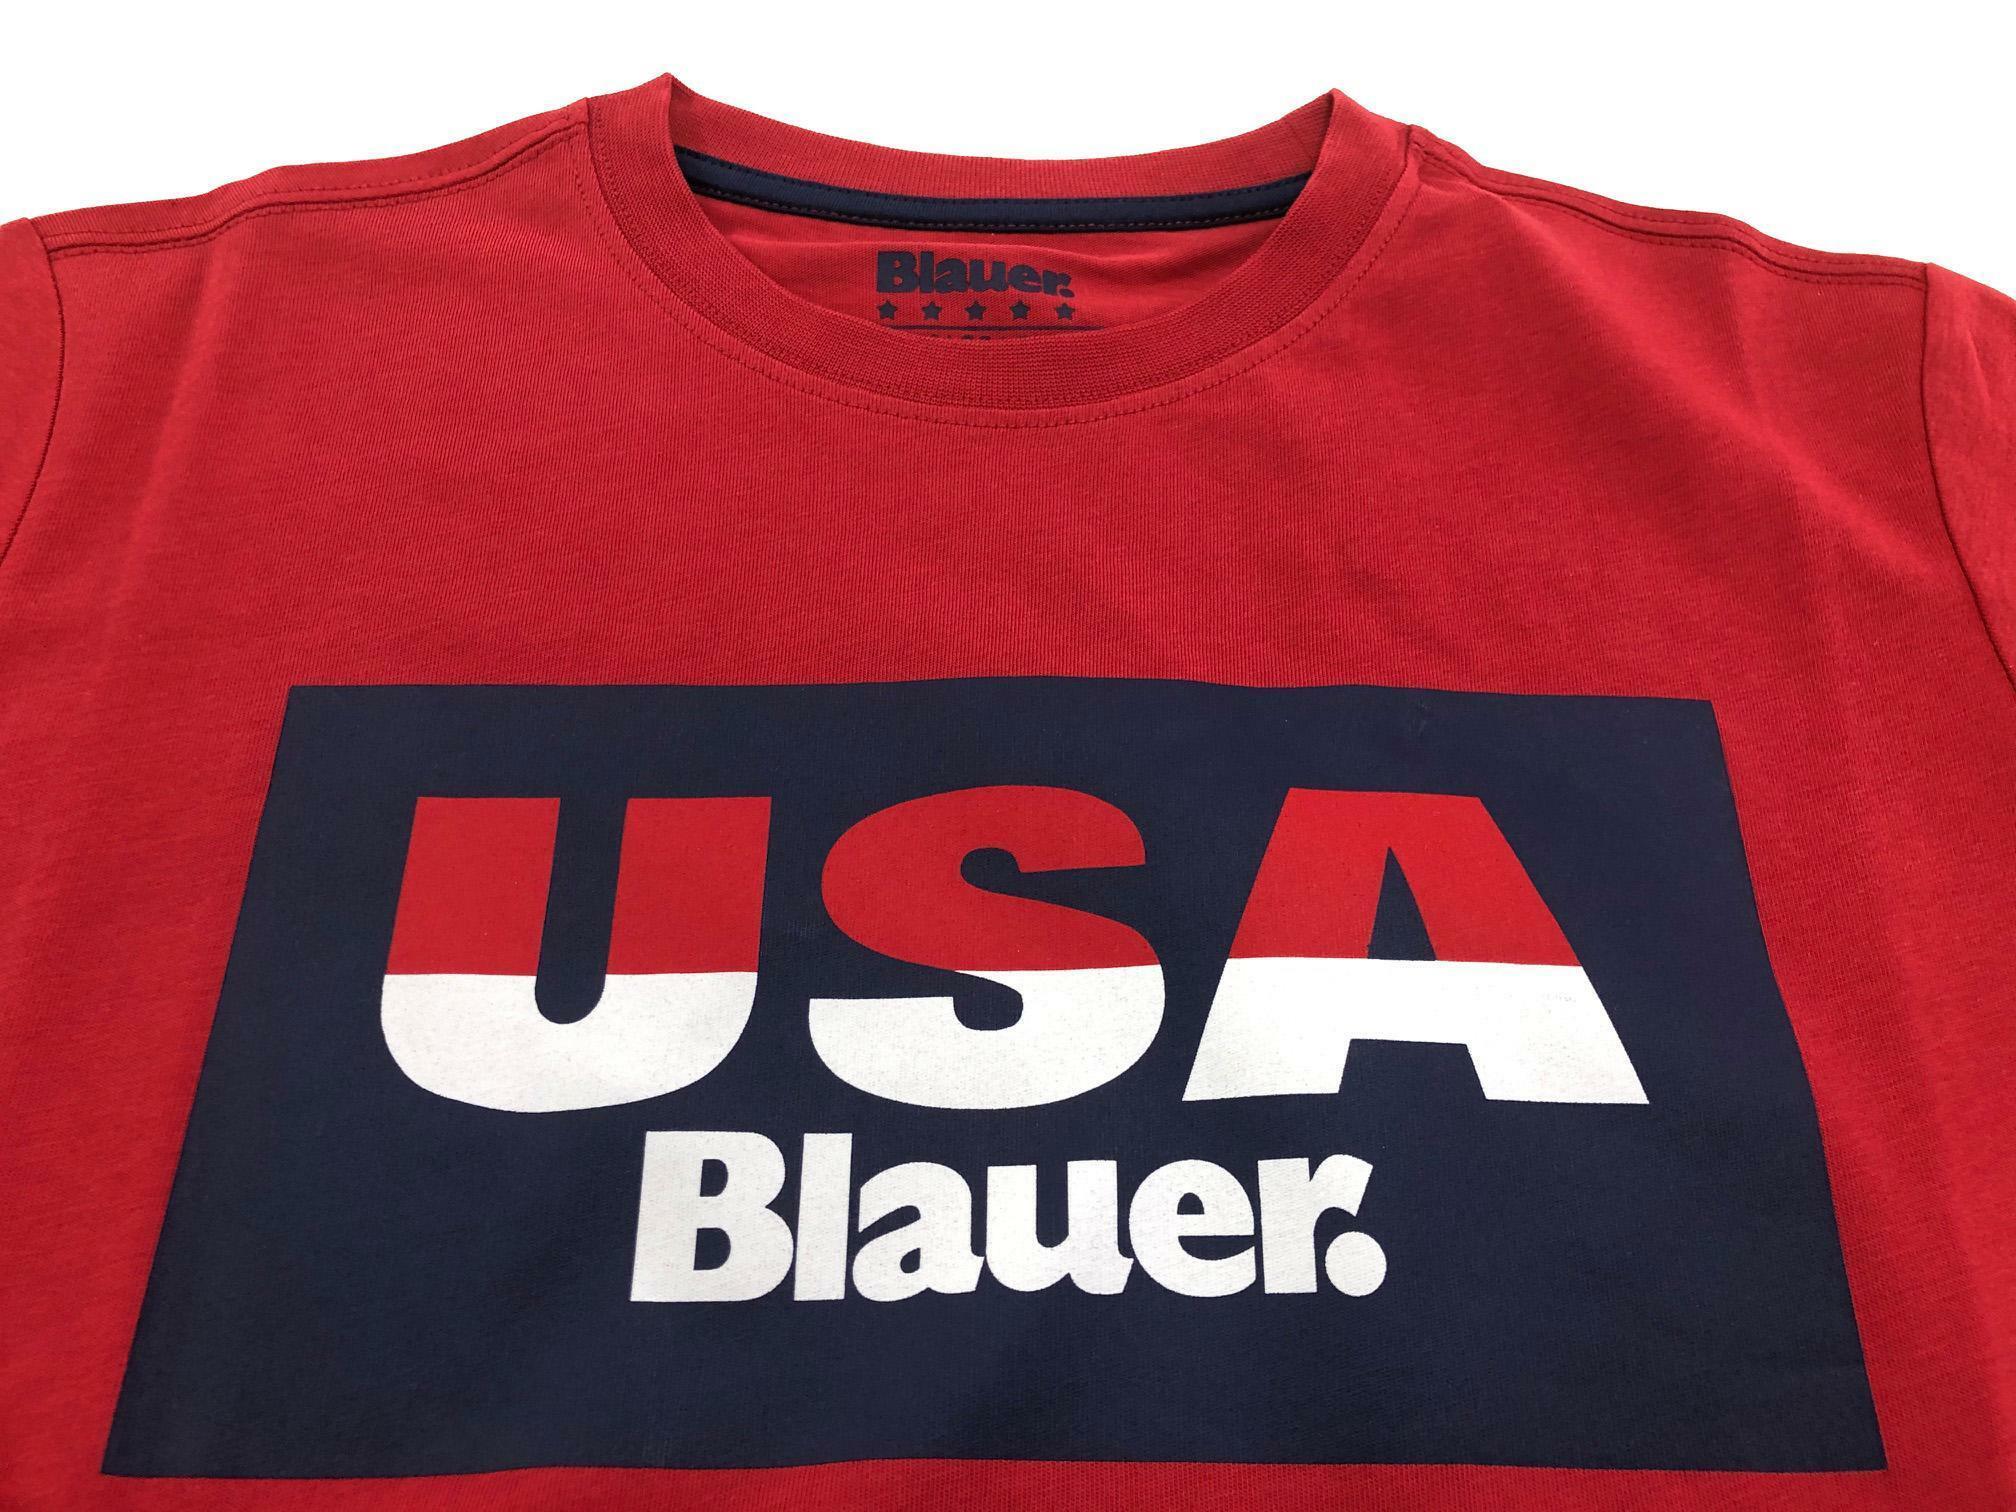 blauer t-shirt blauer junior rosso 20sblkh02193